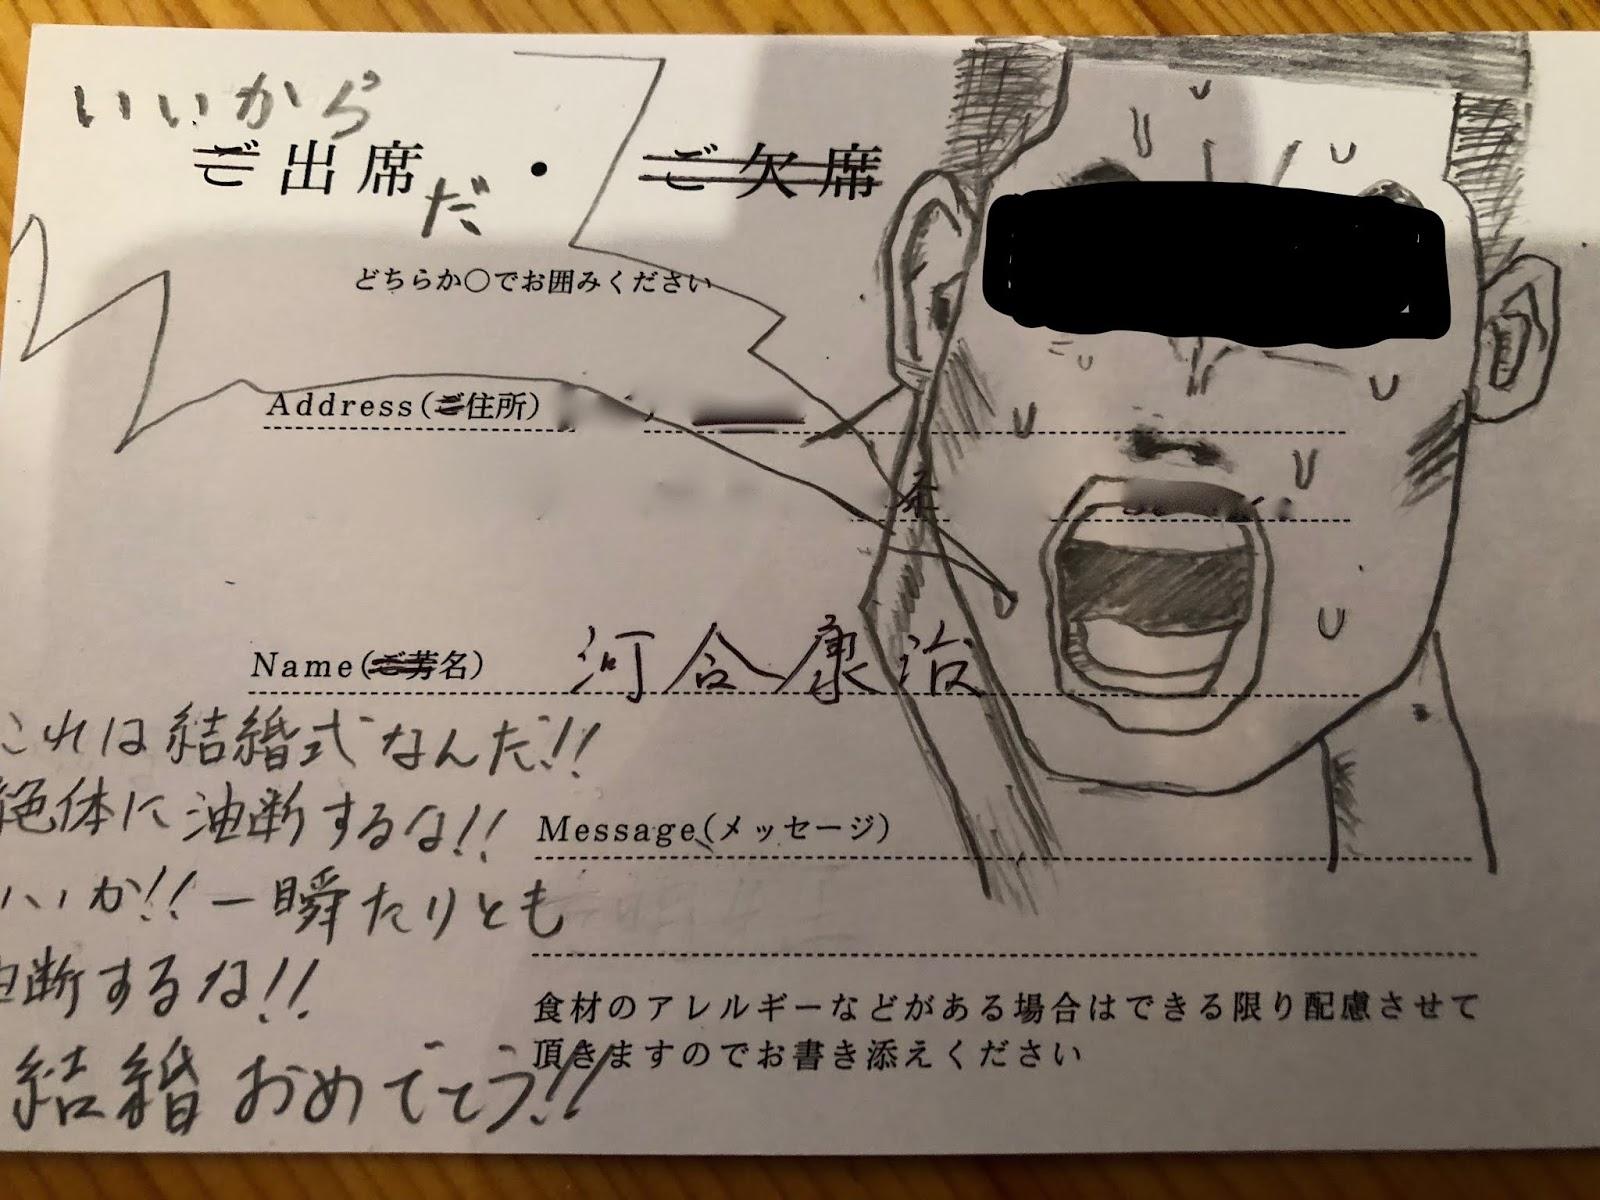 服を脱ごう 旅に出よう Yasube Blog いいから出席だぁー 結婚式の招待状をイラストで返事してみた